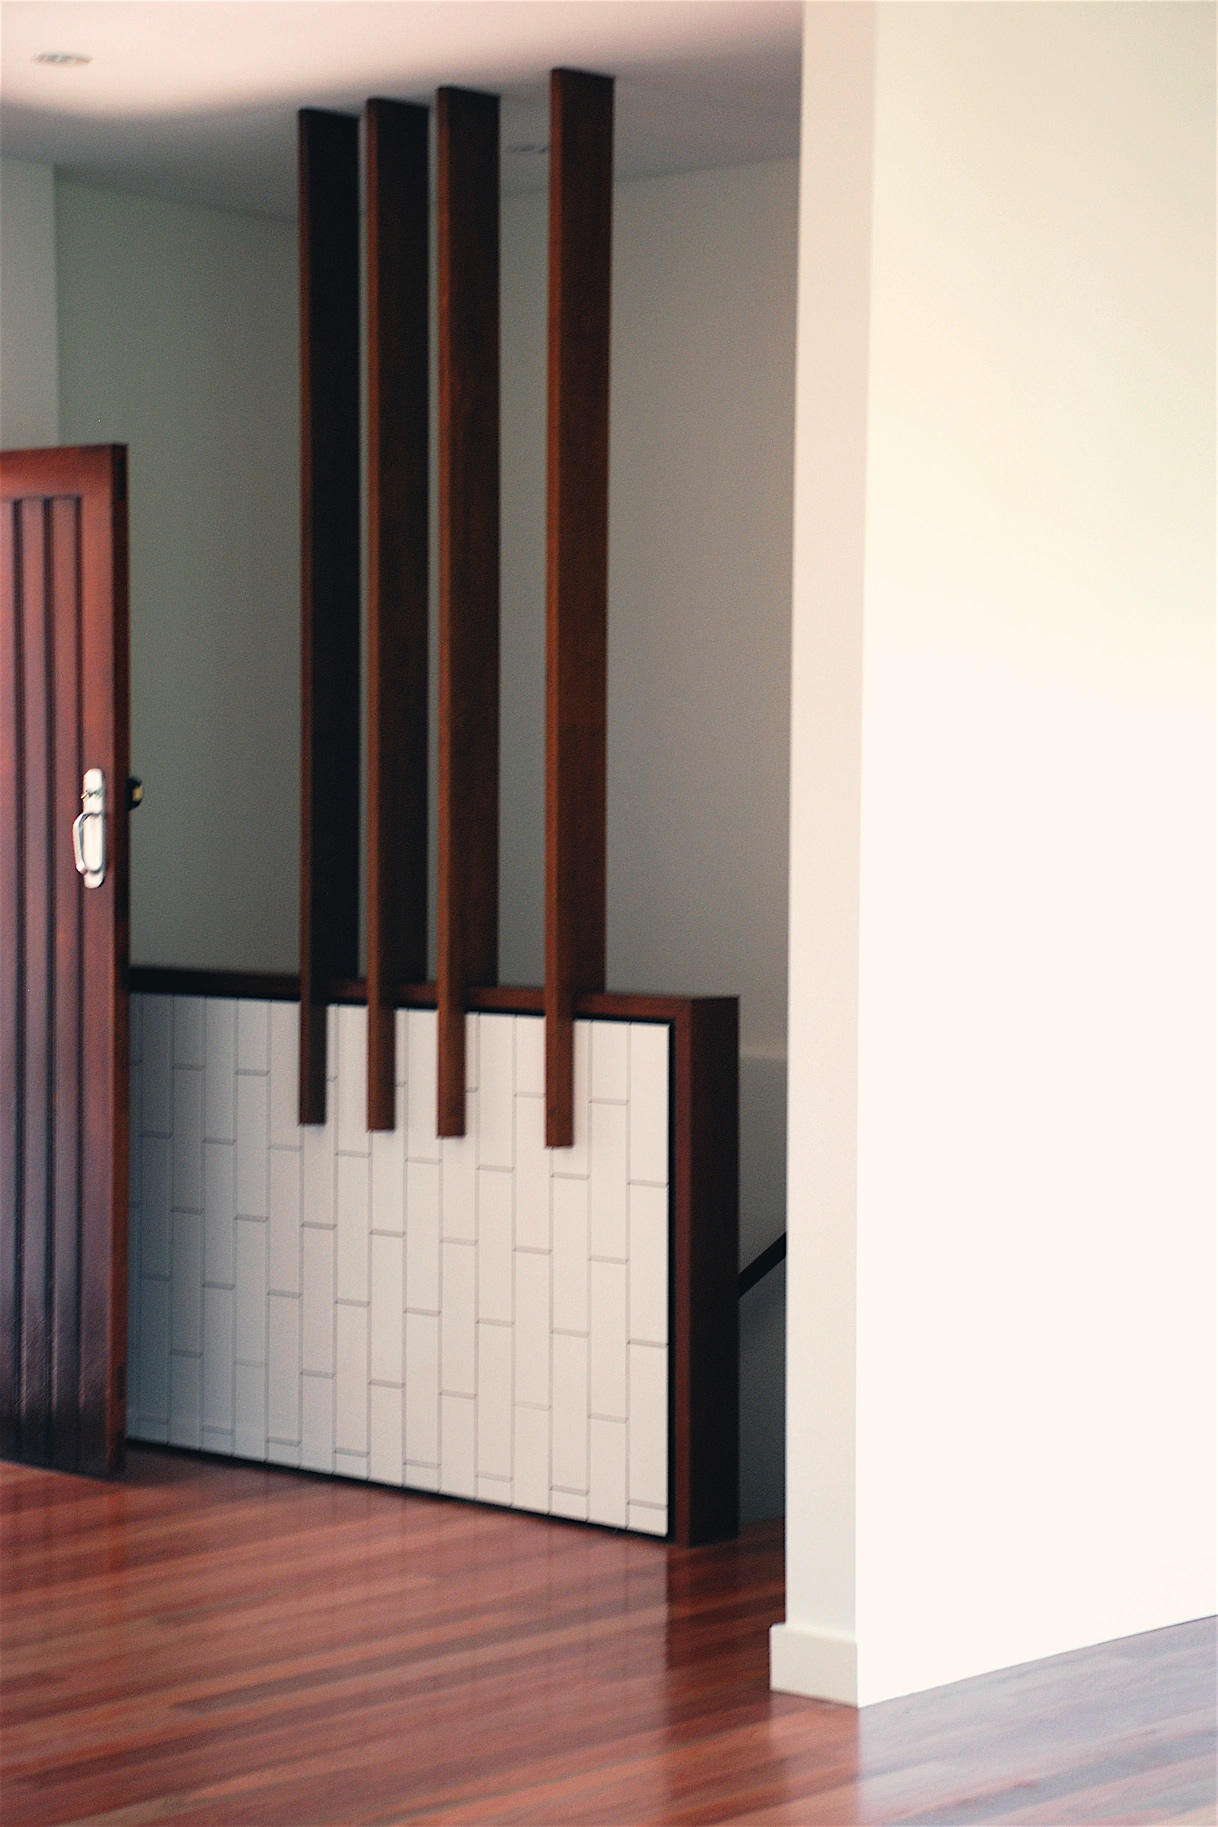 09 - Indooroopilly - 03.jpg